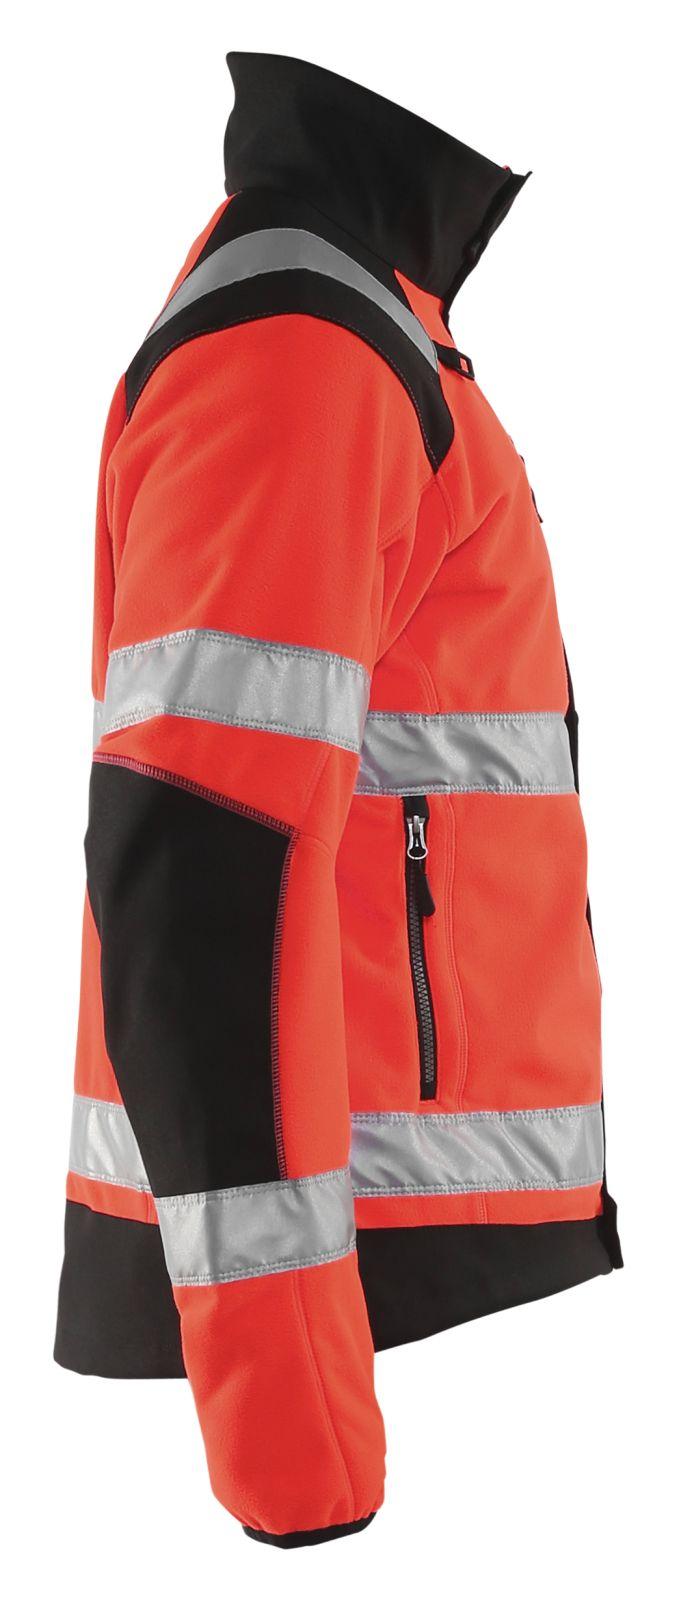 Blaklader Fleece jassen 48882524 High Vis fluor rood-zwart(5599)